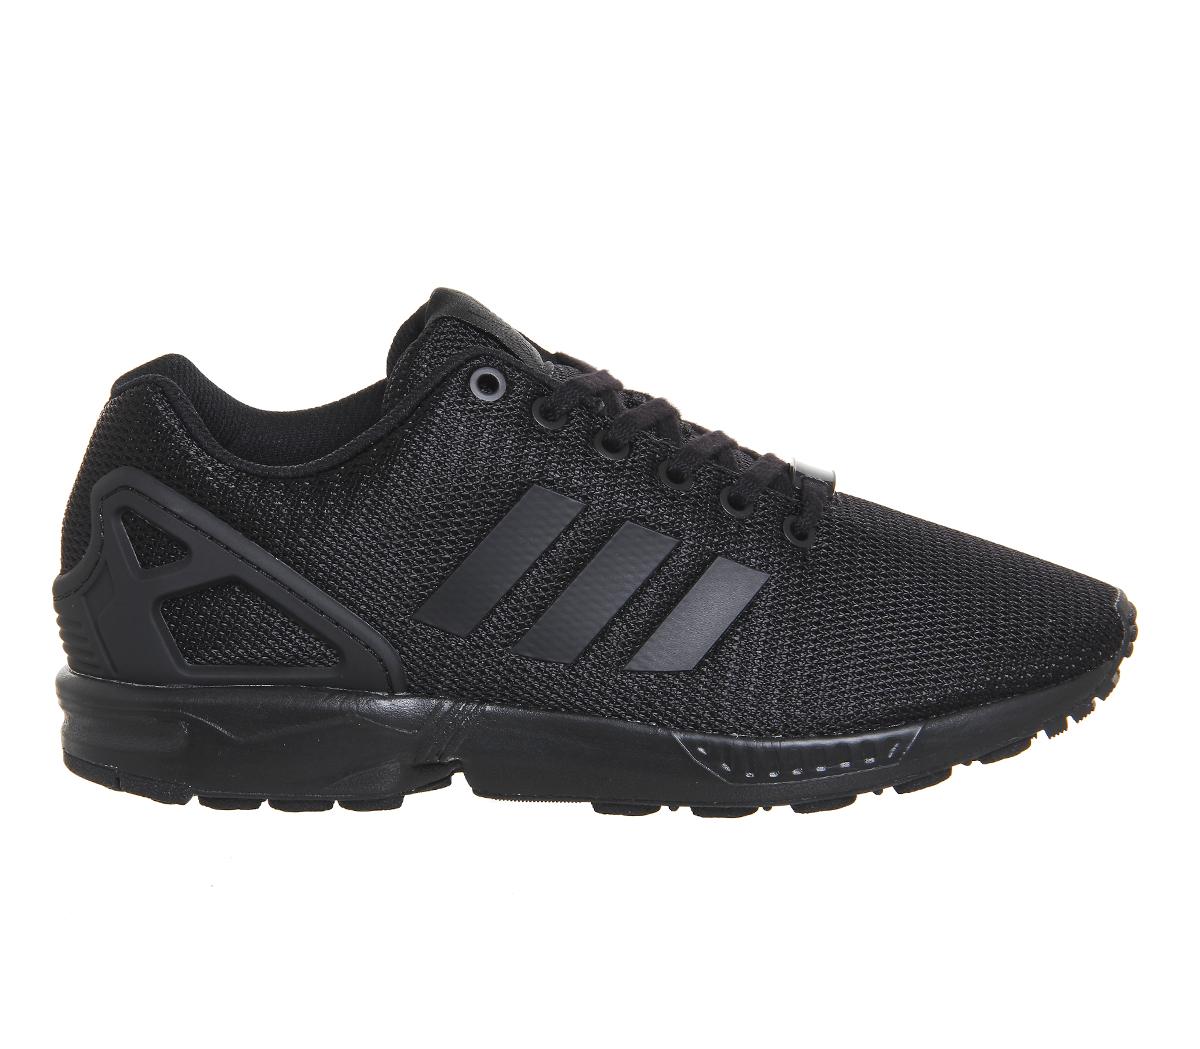 new high high quality new high Homme Adidas ZX FLUX NOIR GRIS FONCÉ Baskets Chaussures | eBay